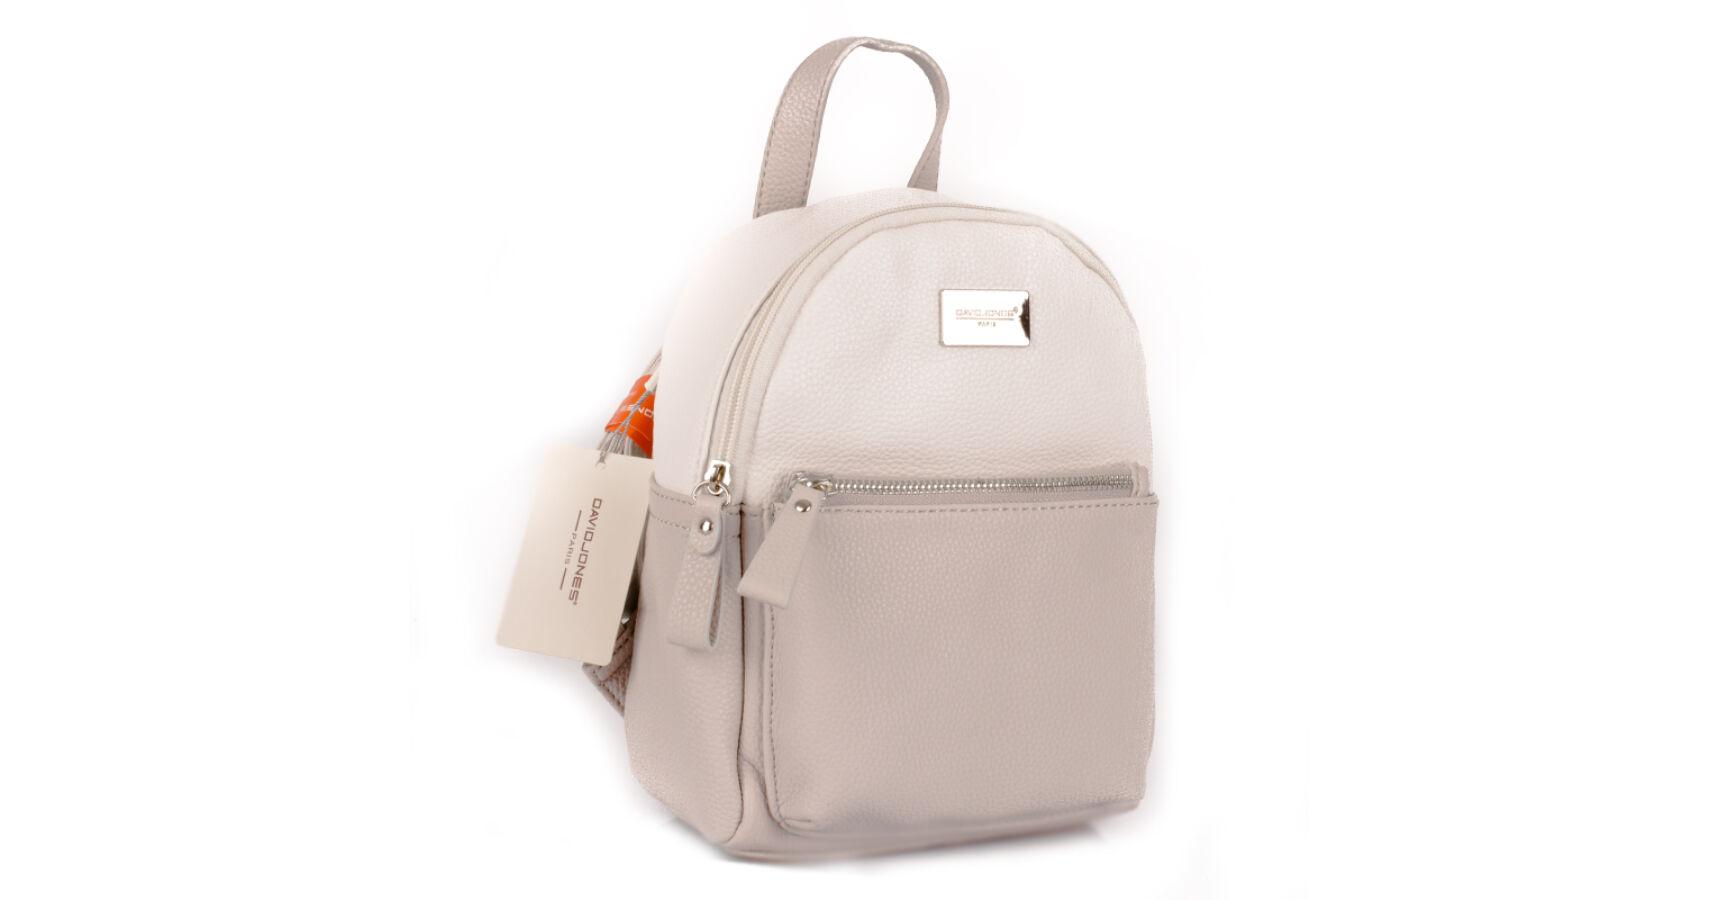 b501f7d77570 David Jones női hátizsák - Oldaltáska - Etáska - minőségi táska webáruház  hatalmas választékkal